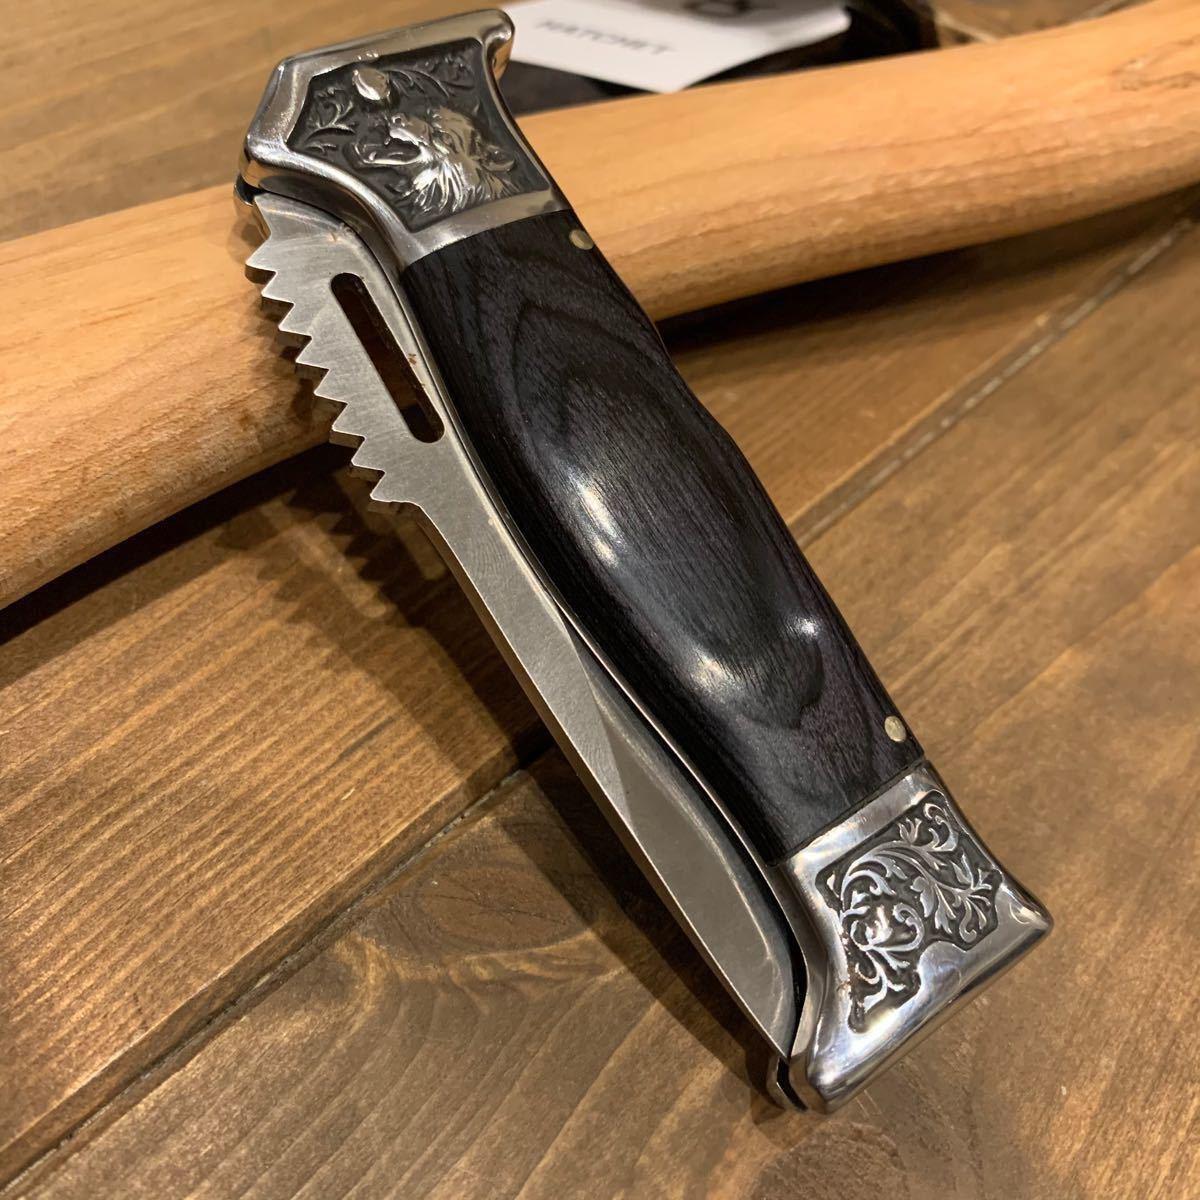 ナイフとセット ハスクバーナ 手斧   斧 38 cm Hasqvarna